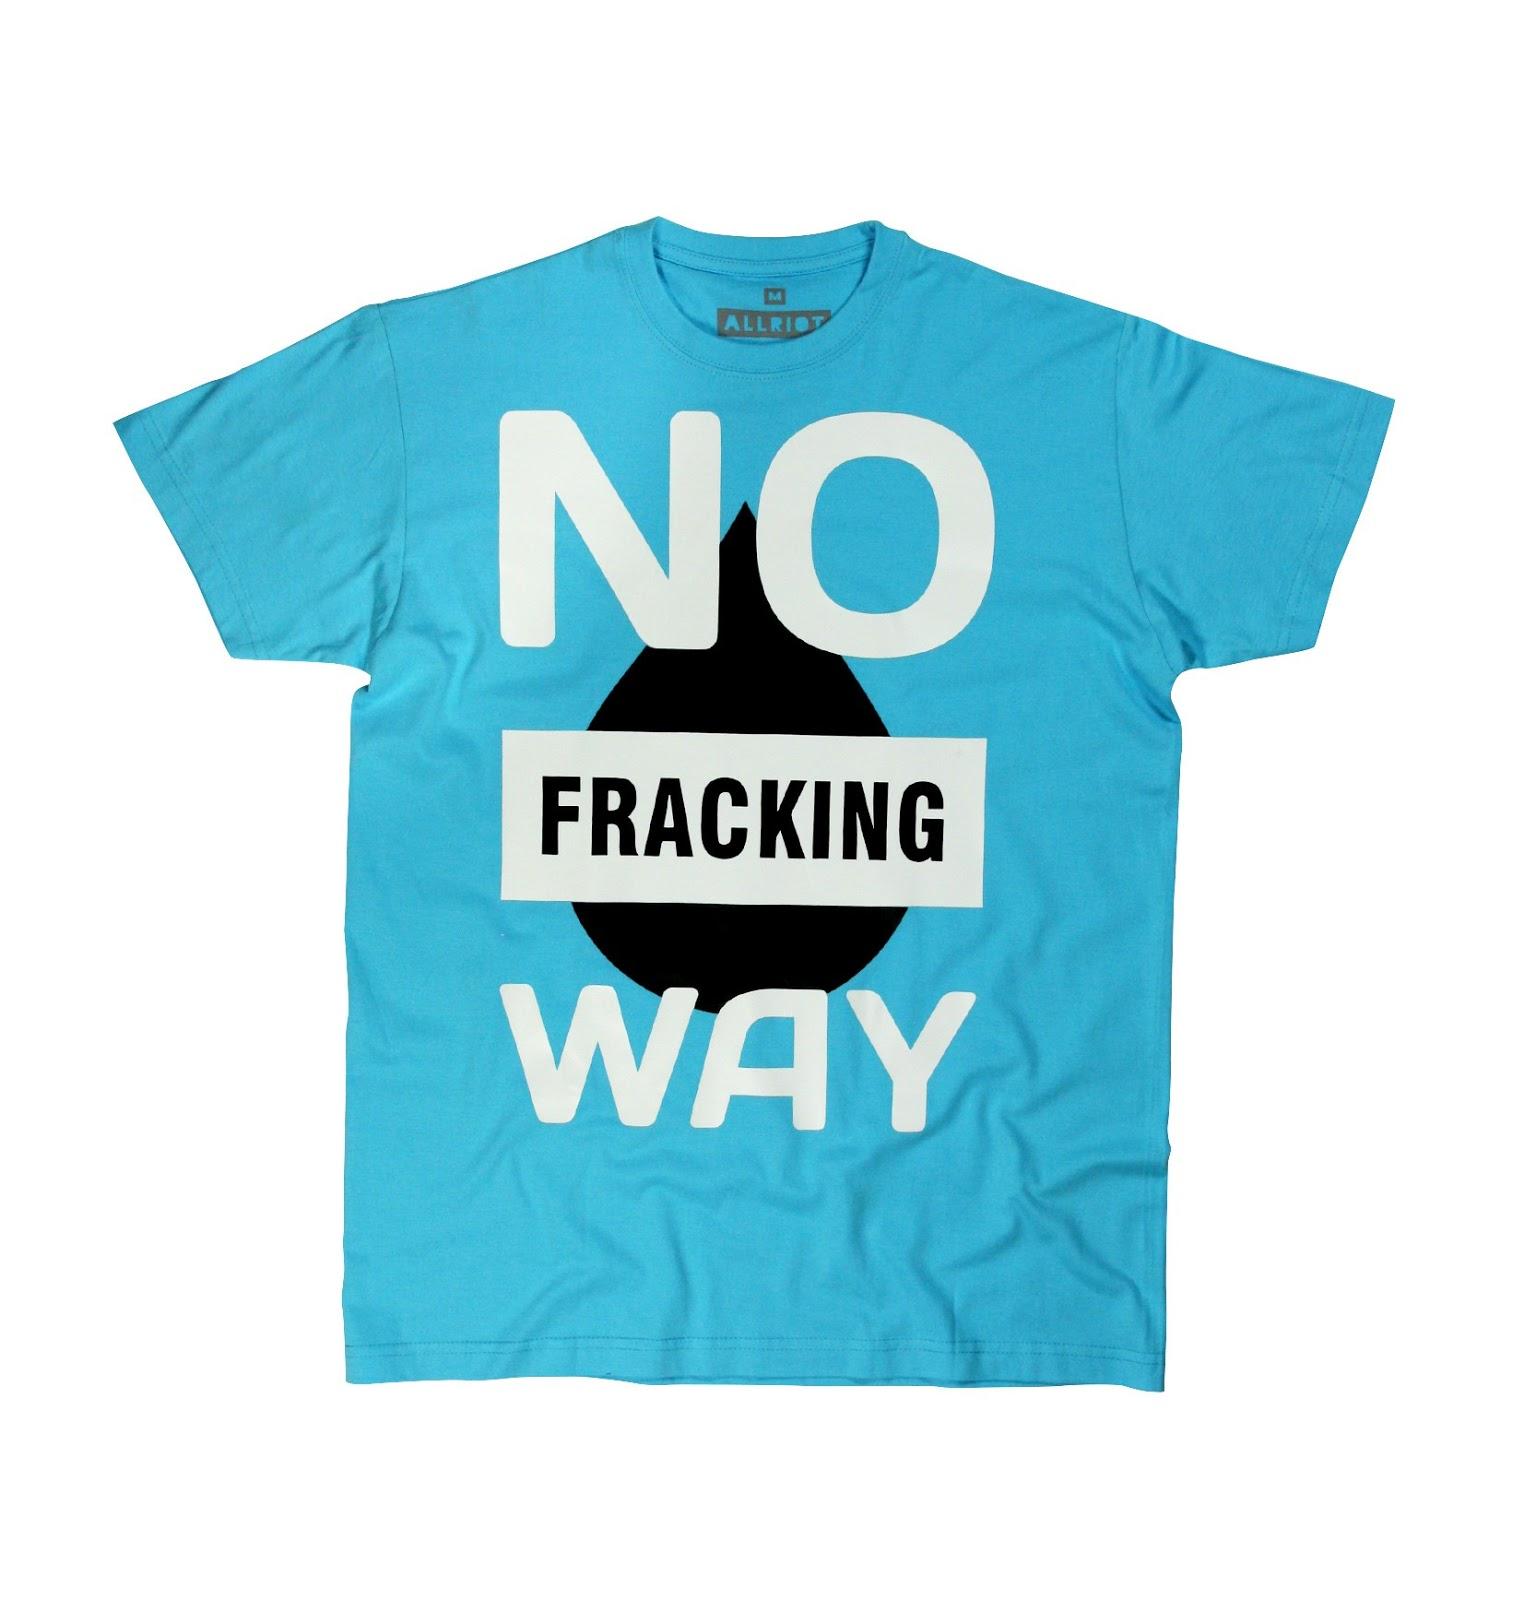 https://grafitee.es/s/camisetas/475-tee-shirt-no-fracking-way.html